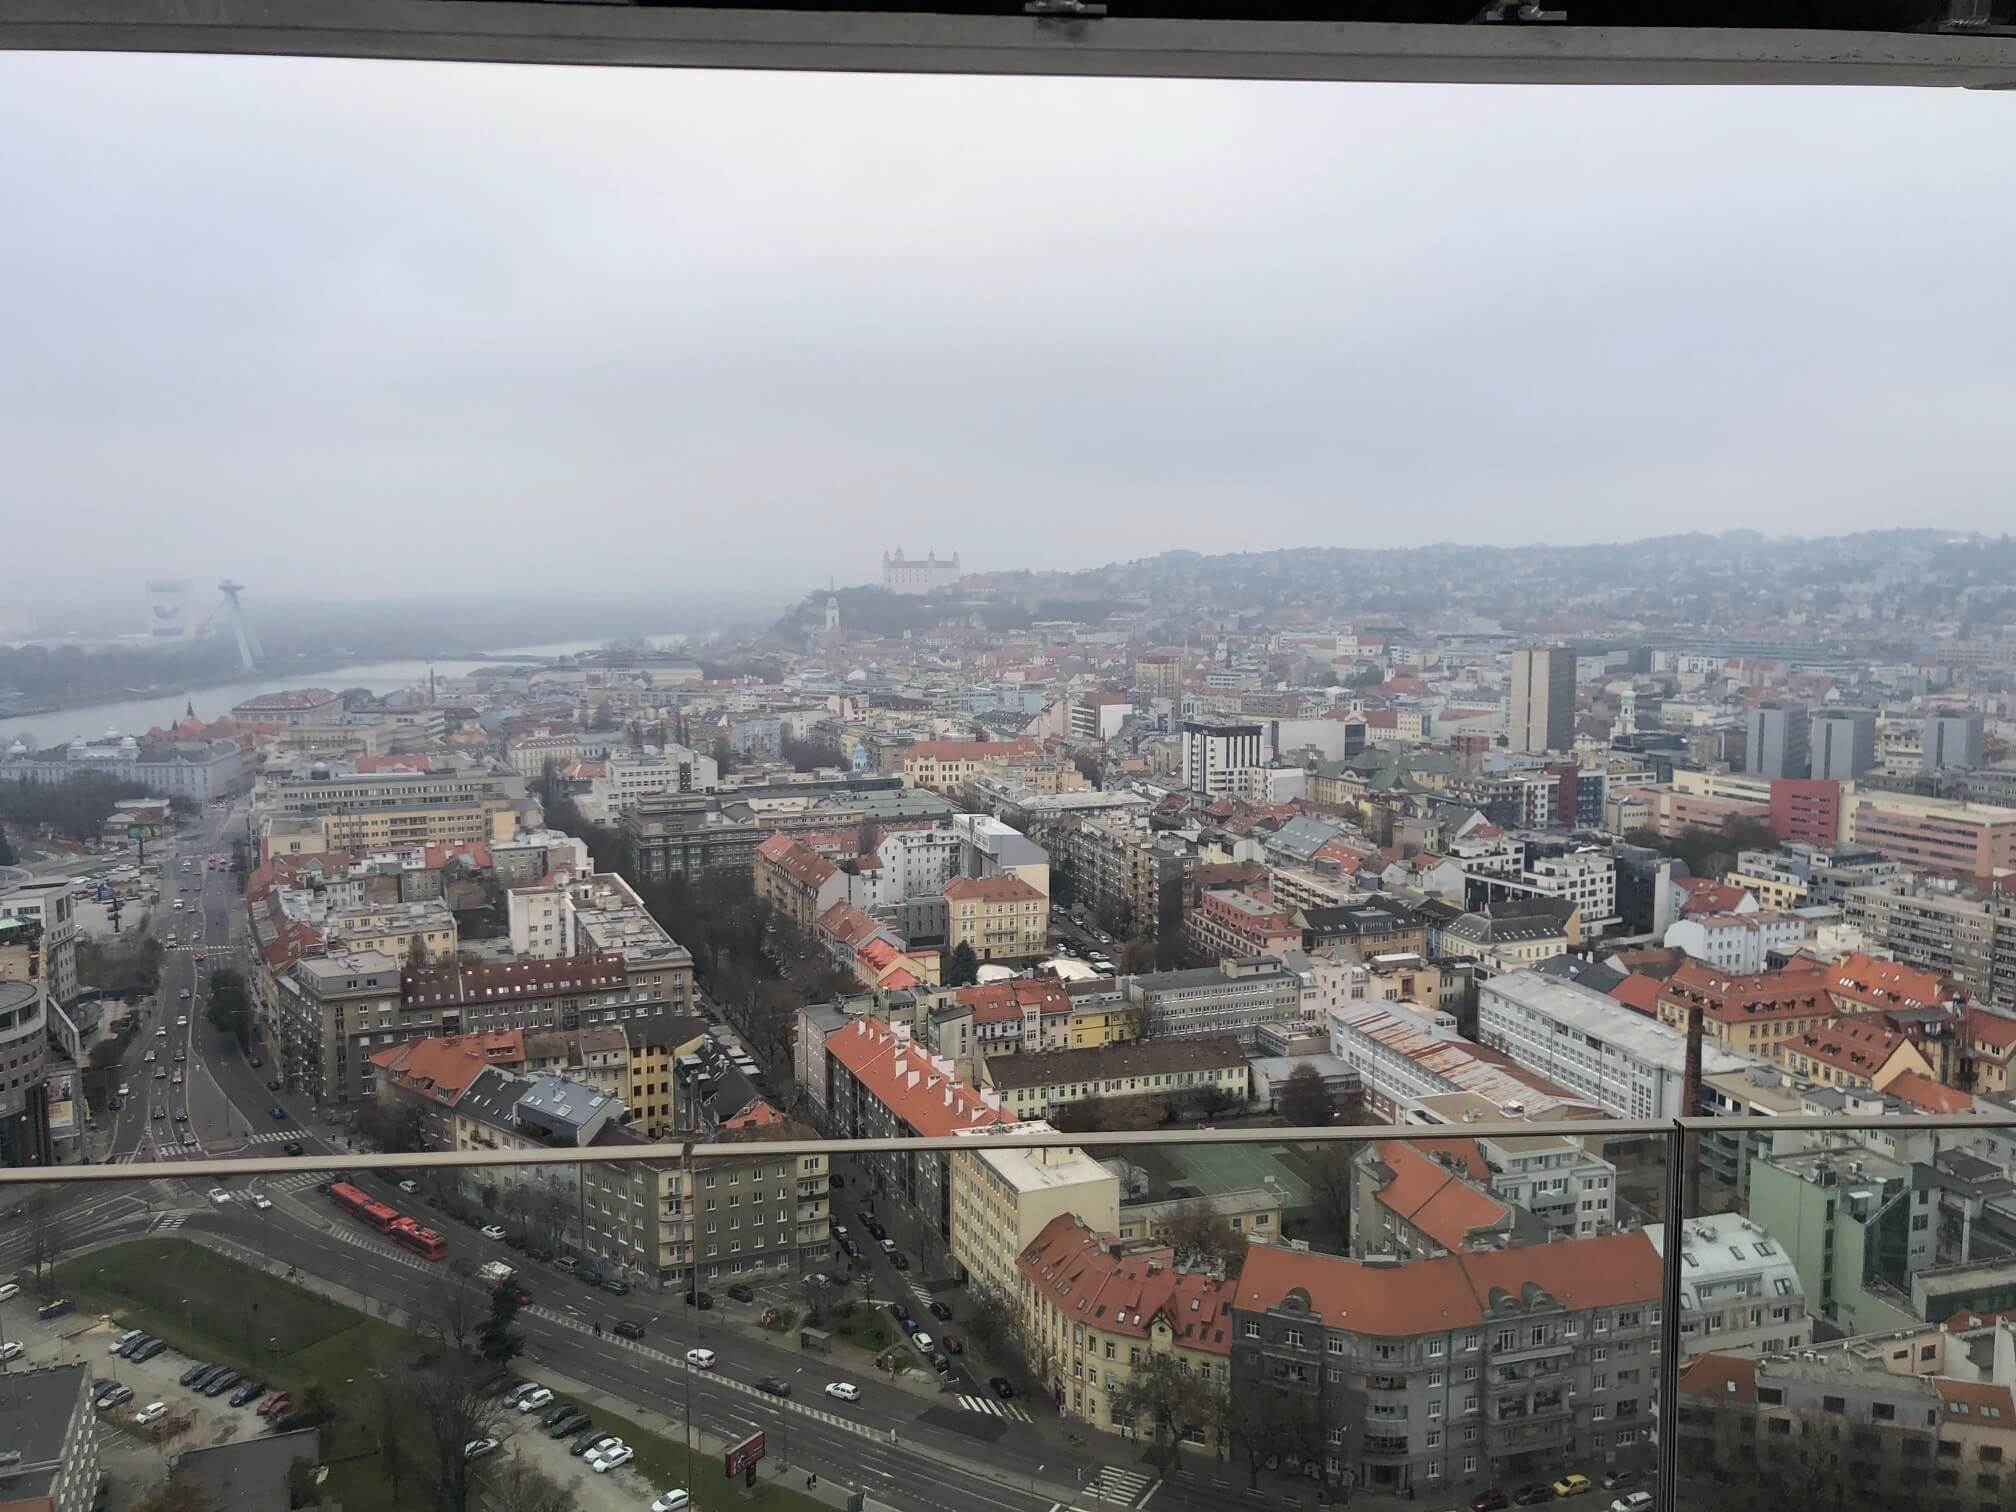 2 izbový byt v Sky parku, I Veža, 6 nadzemné podlažie, úžitková 46,28 m2 ,Loggia 4,75m2, parkovanie-15